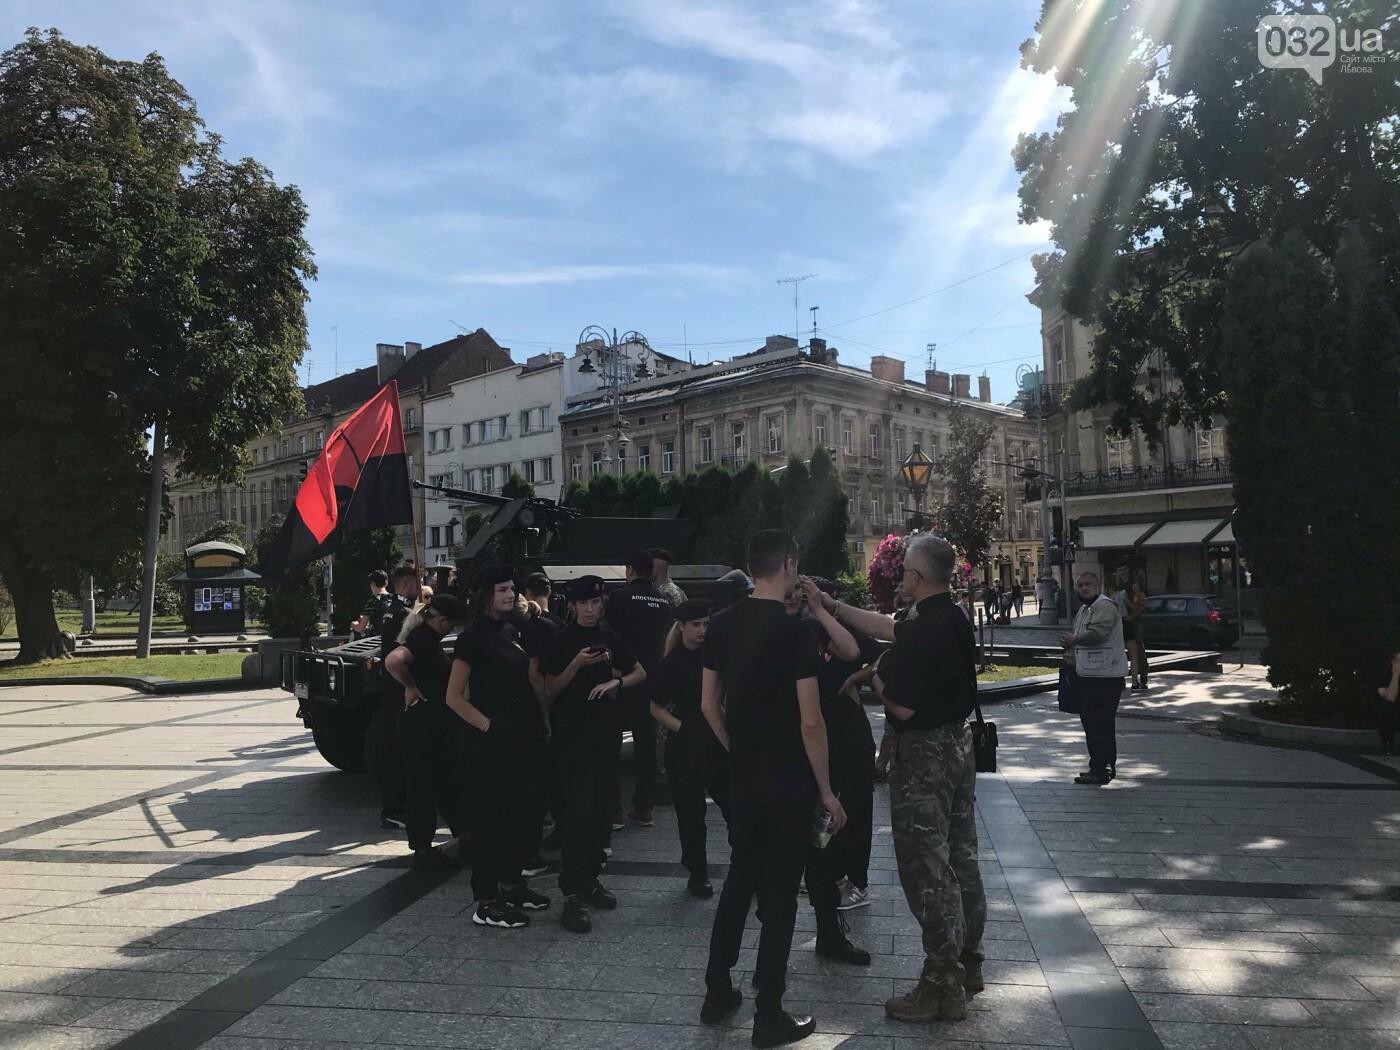 Поминальна молитва у Львові за воїнів, які загинули поблизу Іловайська. Фото -  032.ua